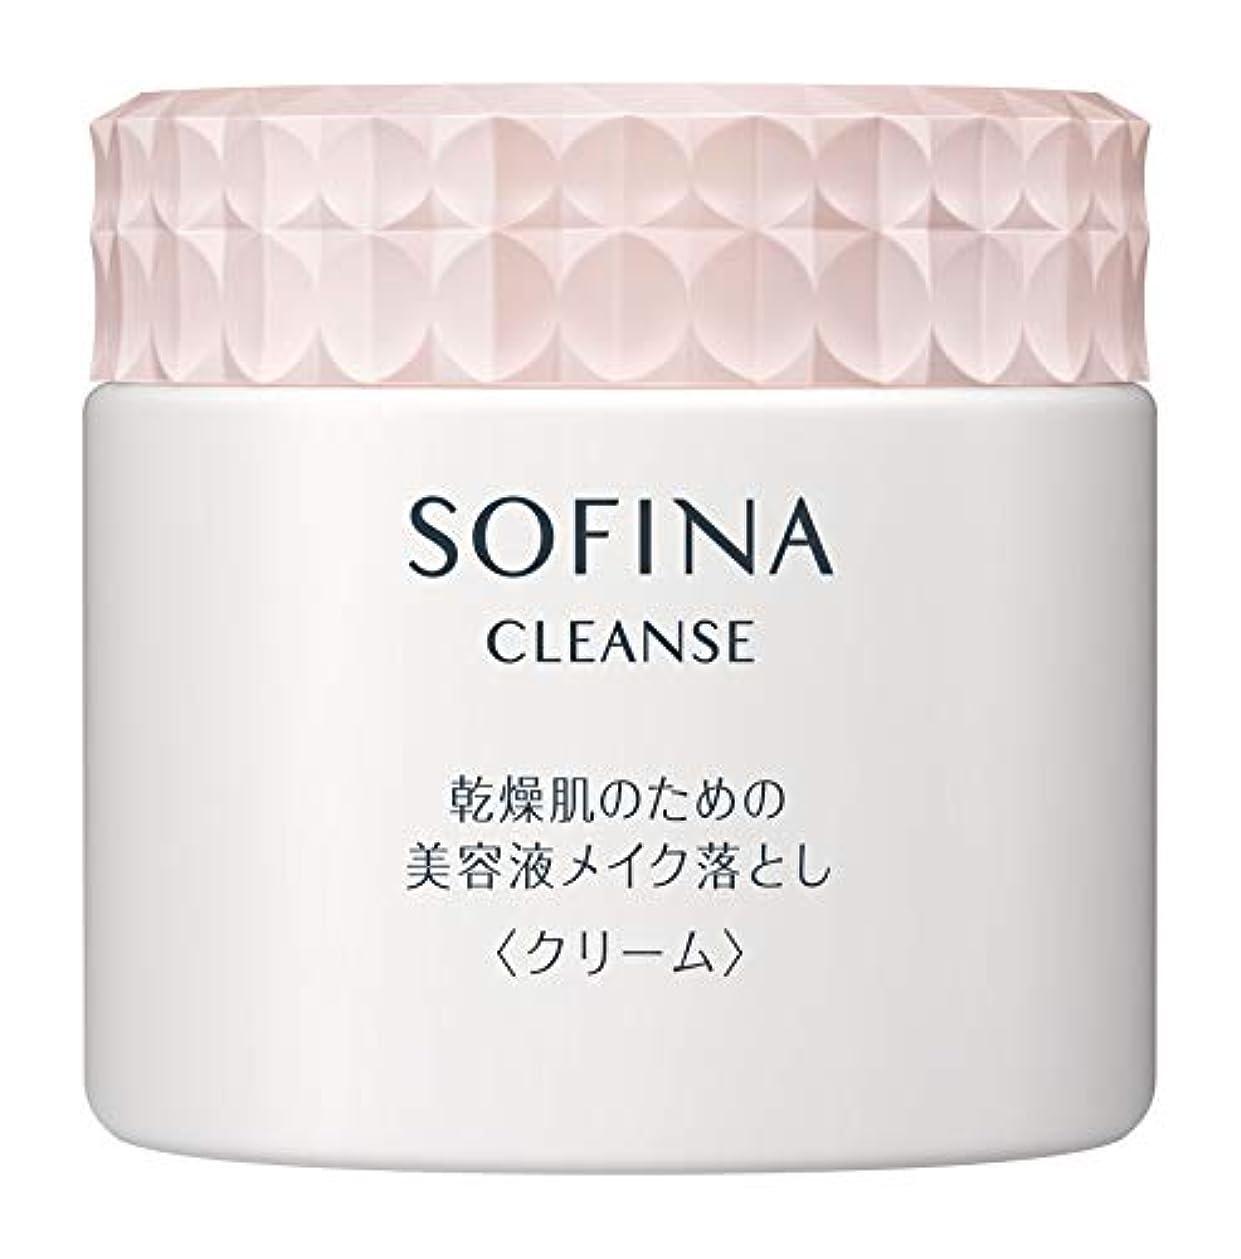 負担メンタリティ白雪姫ソフィーナ 乾燥肌のための美容液メイク落とし クリーム 200g